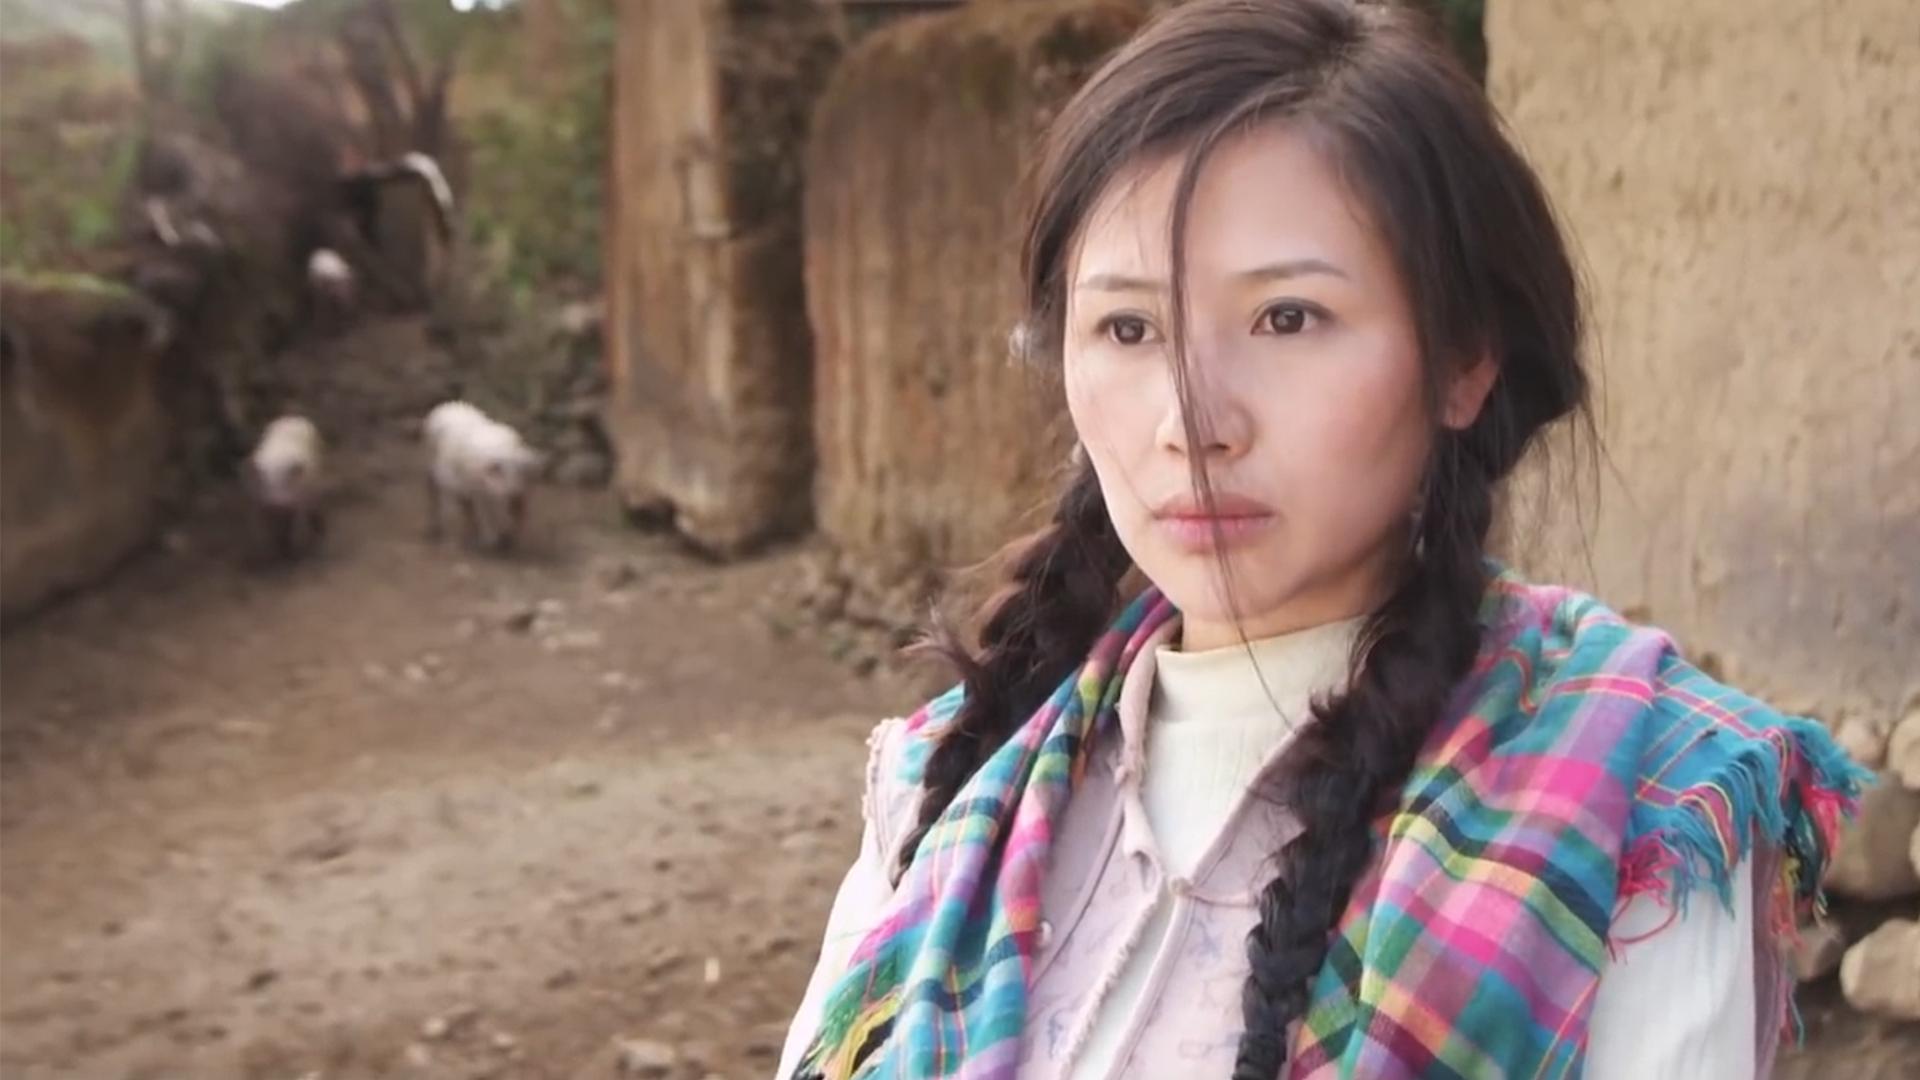 真实无比的农村电影,道尽农村留守妇女难以启齿的痛,结尾太心酸《系红裤带的女人》